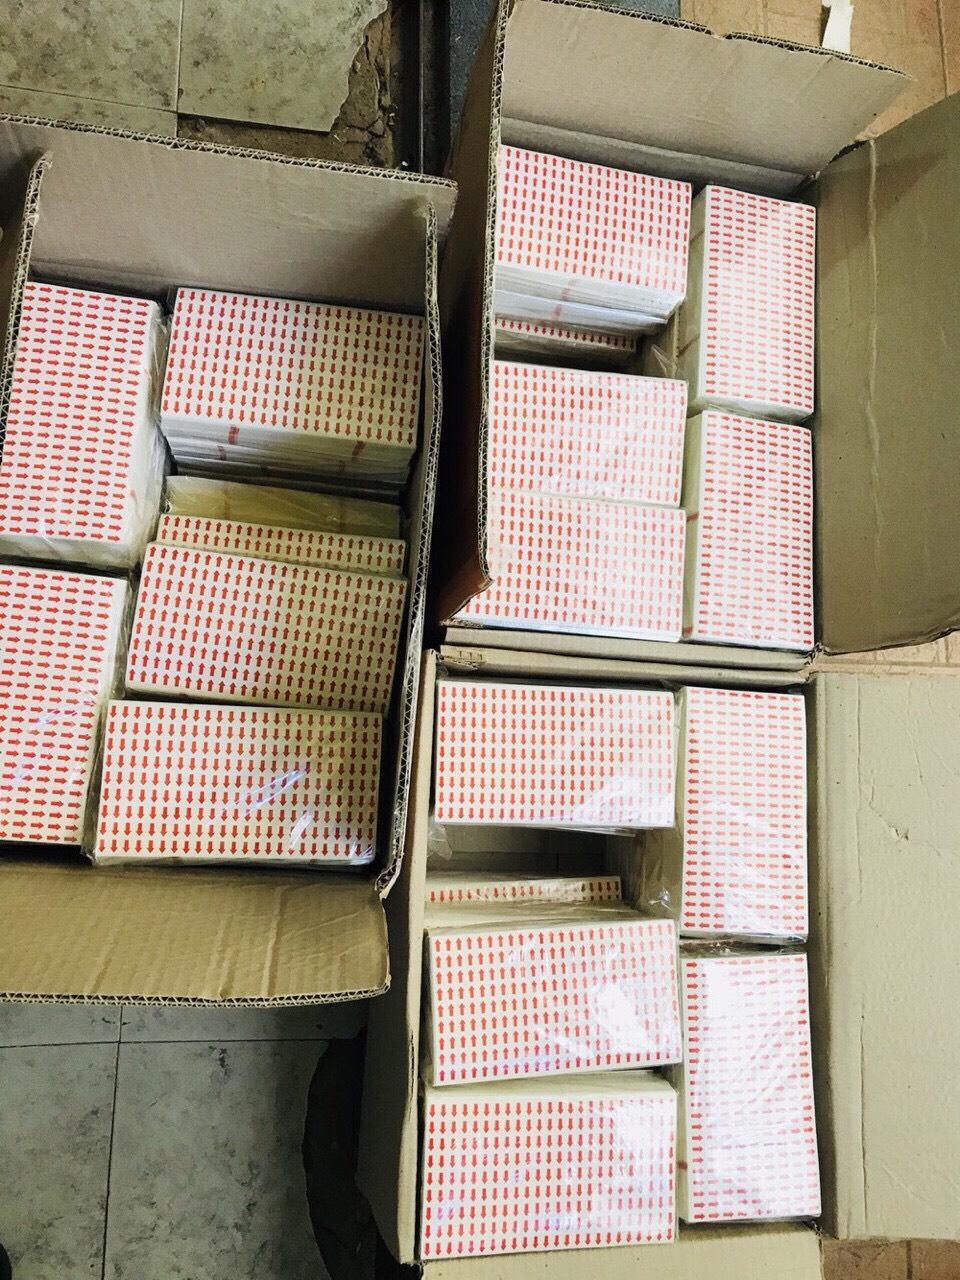 Nhãn in mũi tên 9x13mm, đế vàng chấm đỏ, cán màng dùng mê tít lun :b :b :b1 tờ 216 tem200 tờ 1 bọc3 thùng này khách quất 1 phát có 15.000 tờ zalo 0912677982